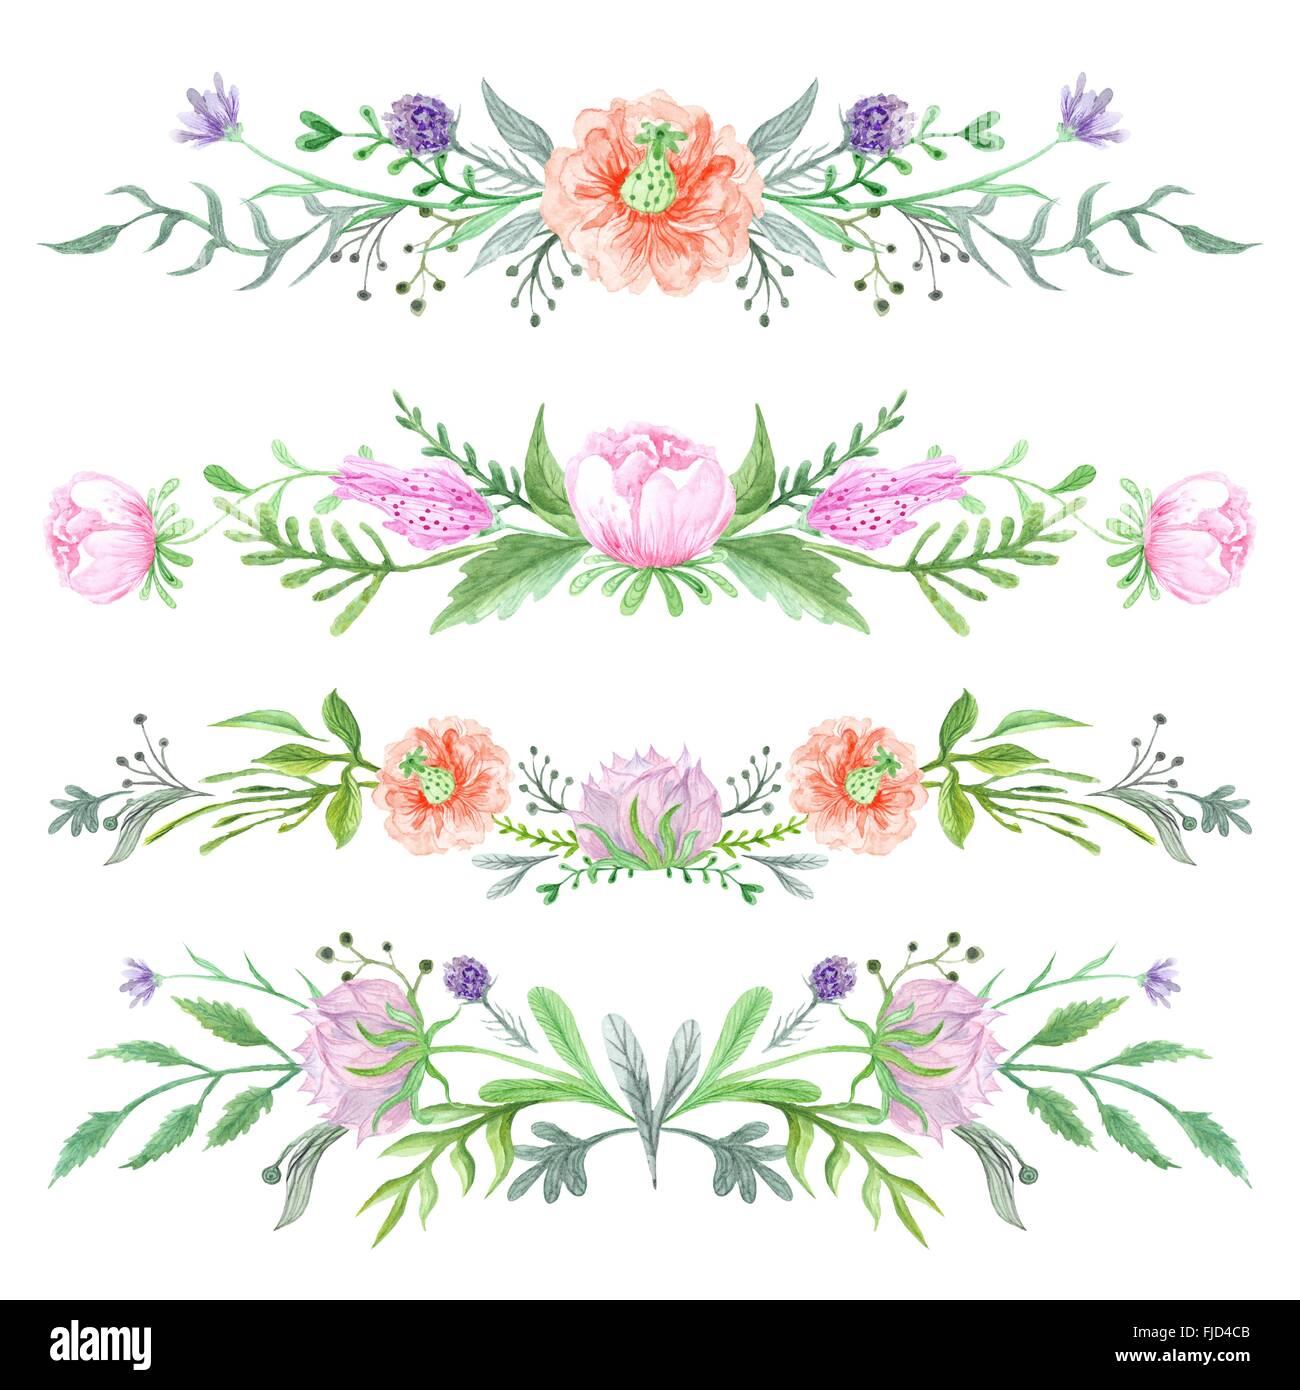 Romántico Elegante Fronteras Con Hierbas Silvestres Y Prados